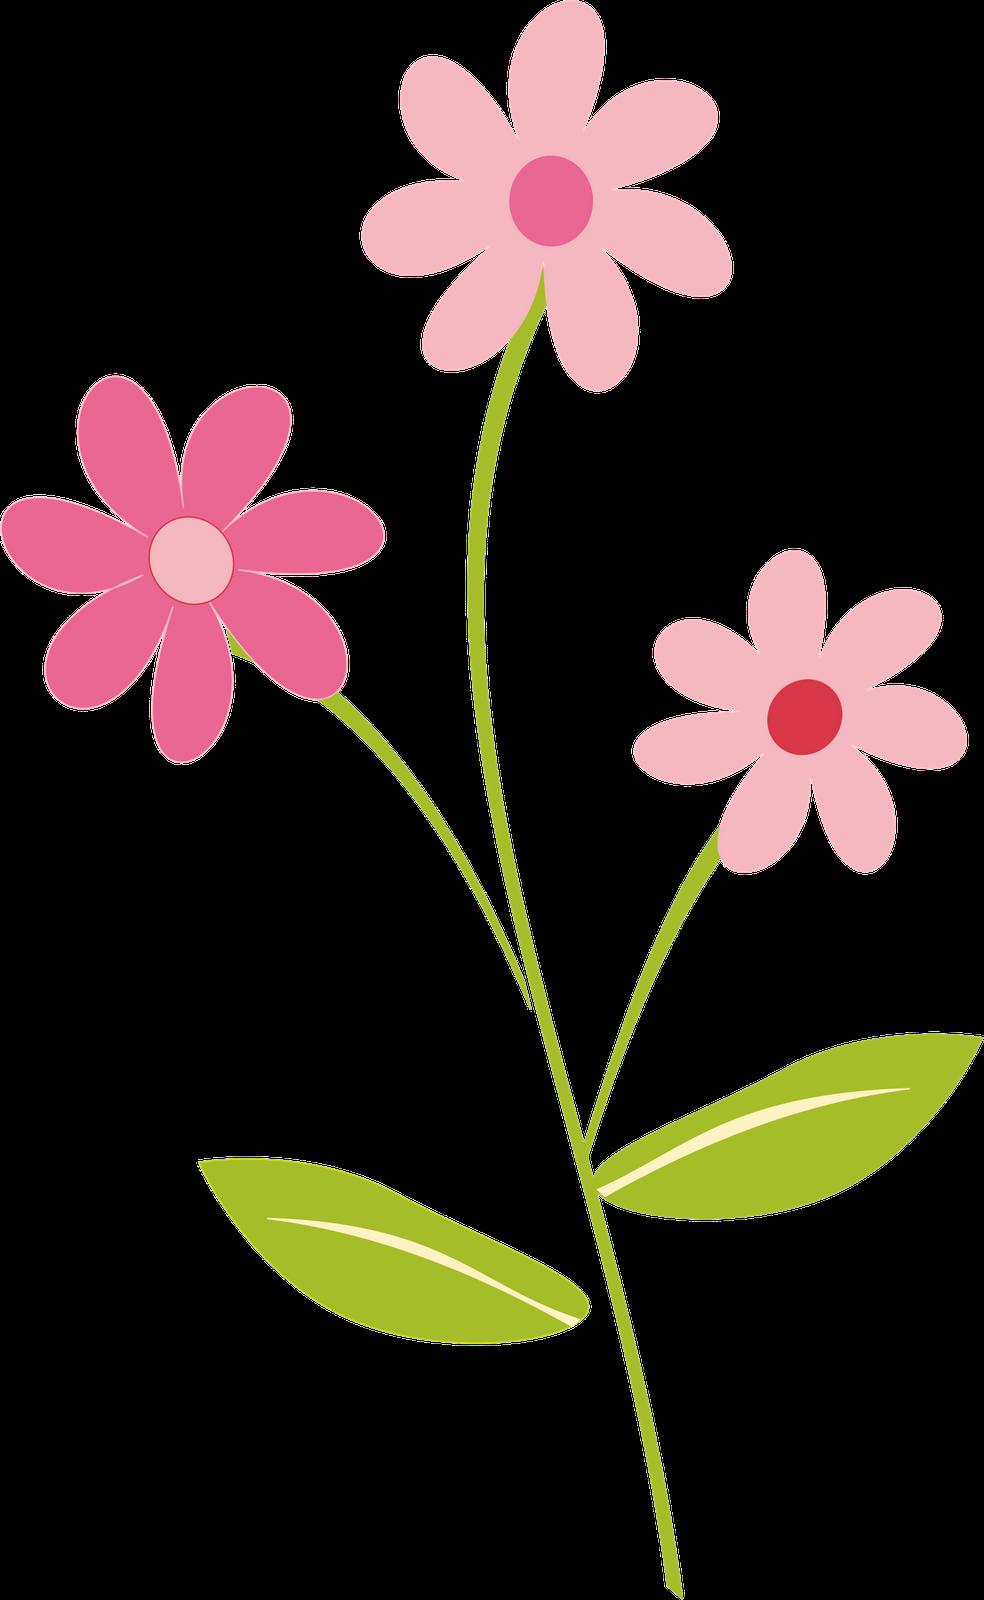 984x1600 Flower Border Flowers Border Clipart Clipartsgram Flowers